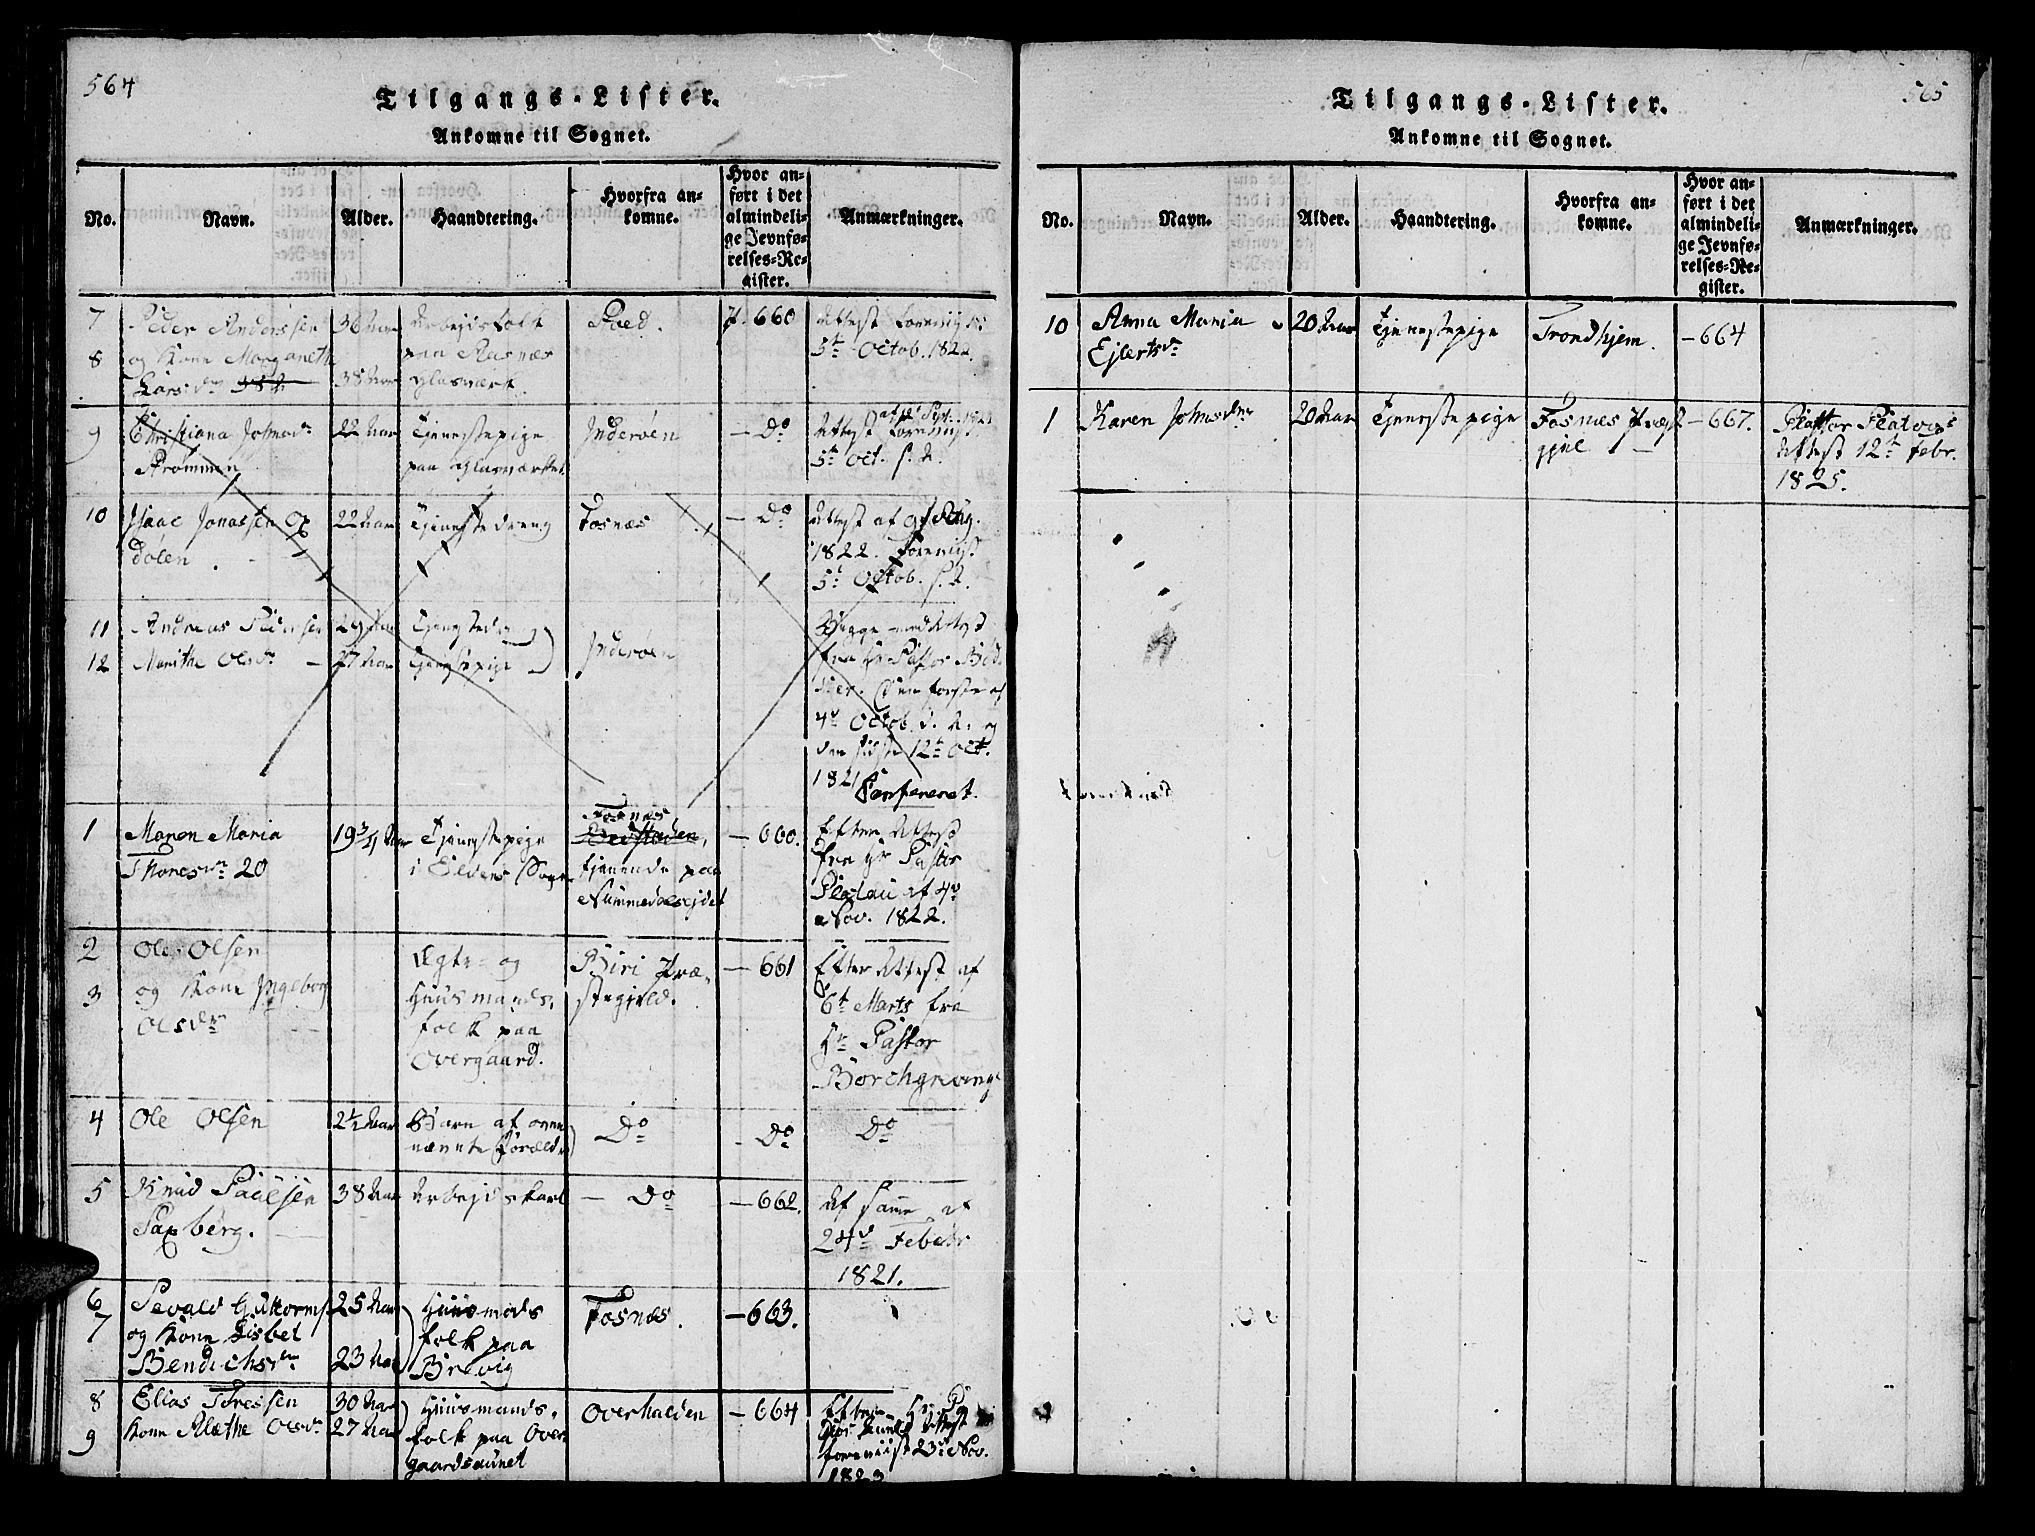 SAT, Ministerialprotokoller, klokkerbøker og fødselsregistre - Nord-Trøndelag, 742/L0411: Klokkerbok nr. 742C02, 1817-1825, s. 564-565